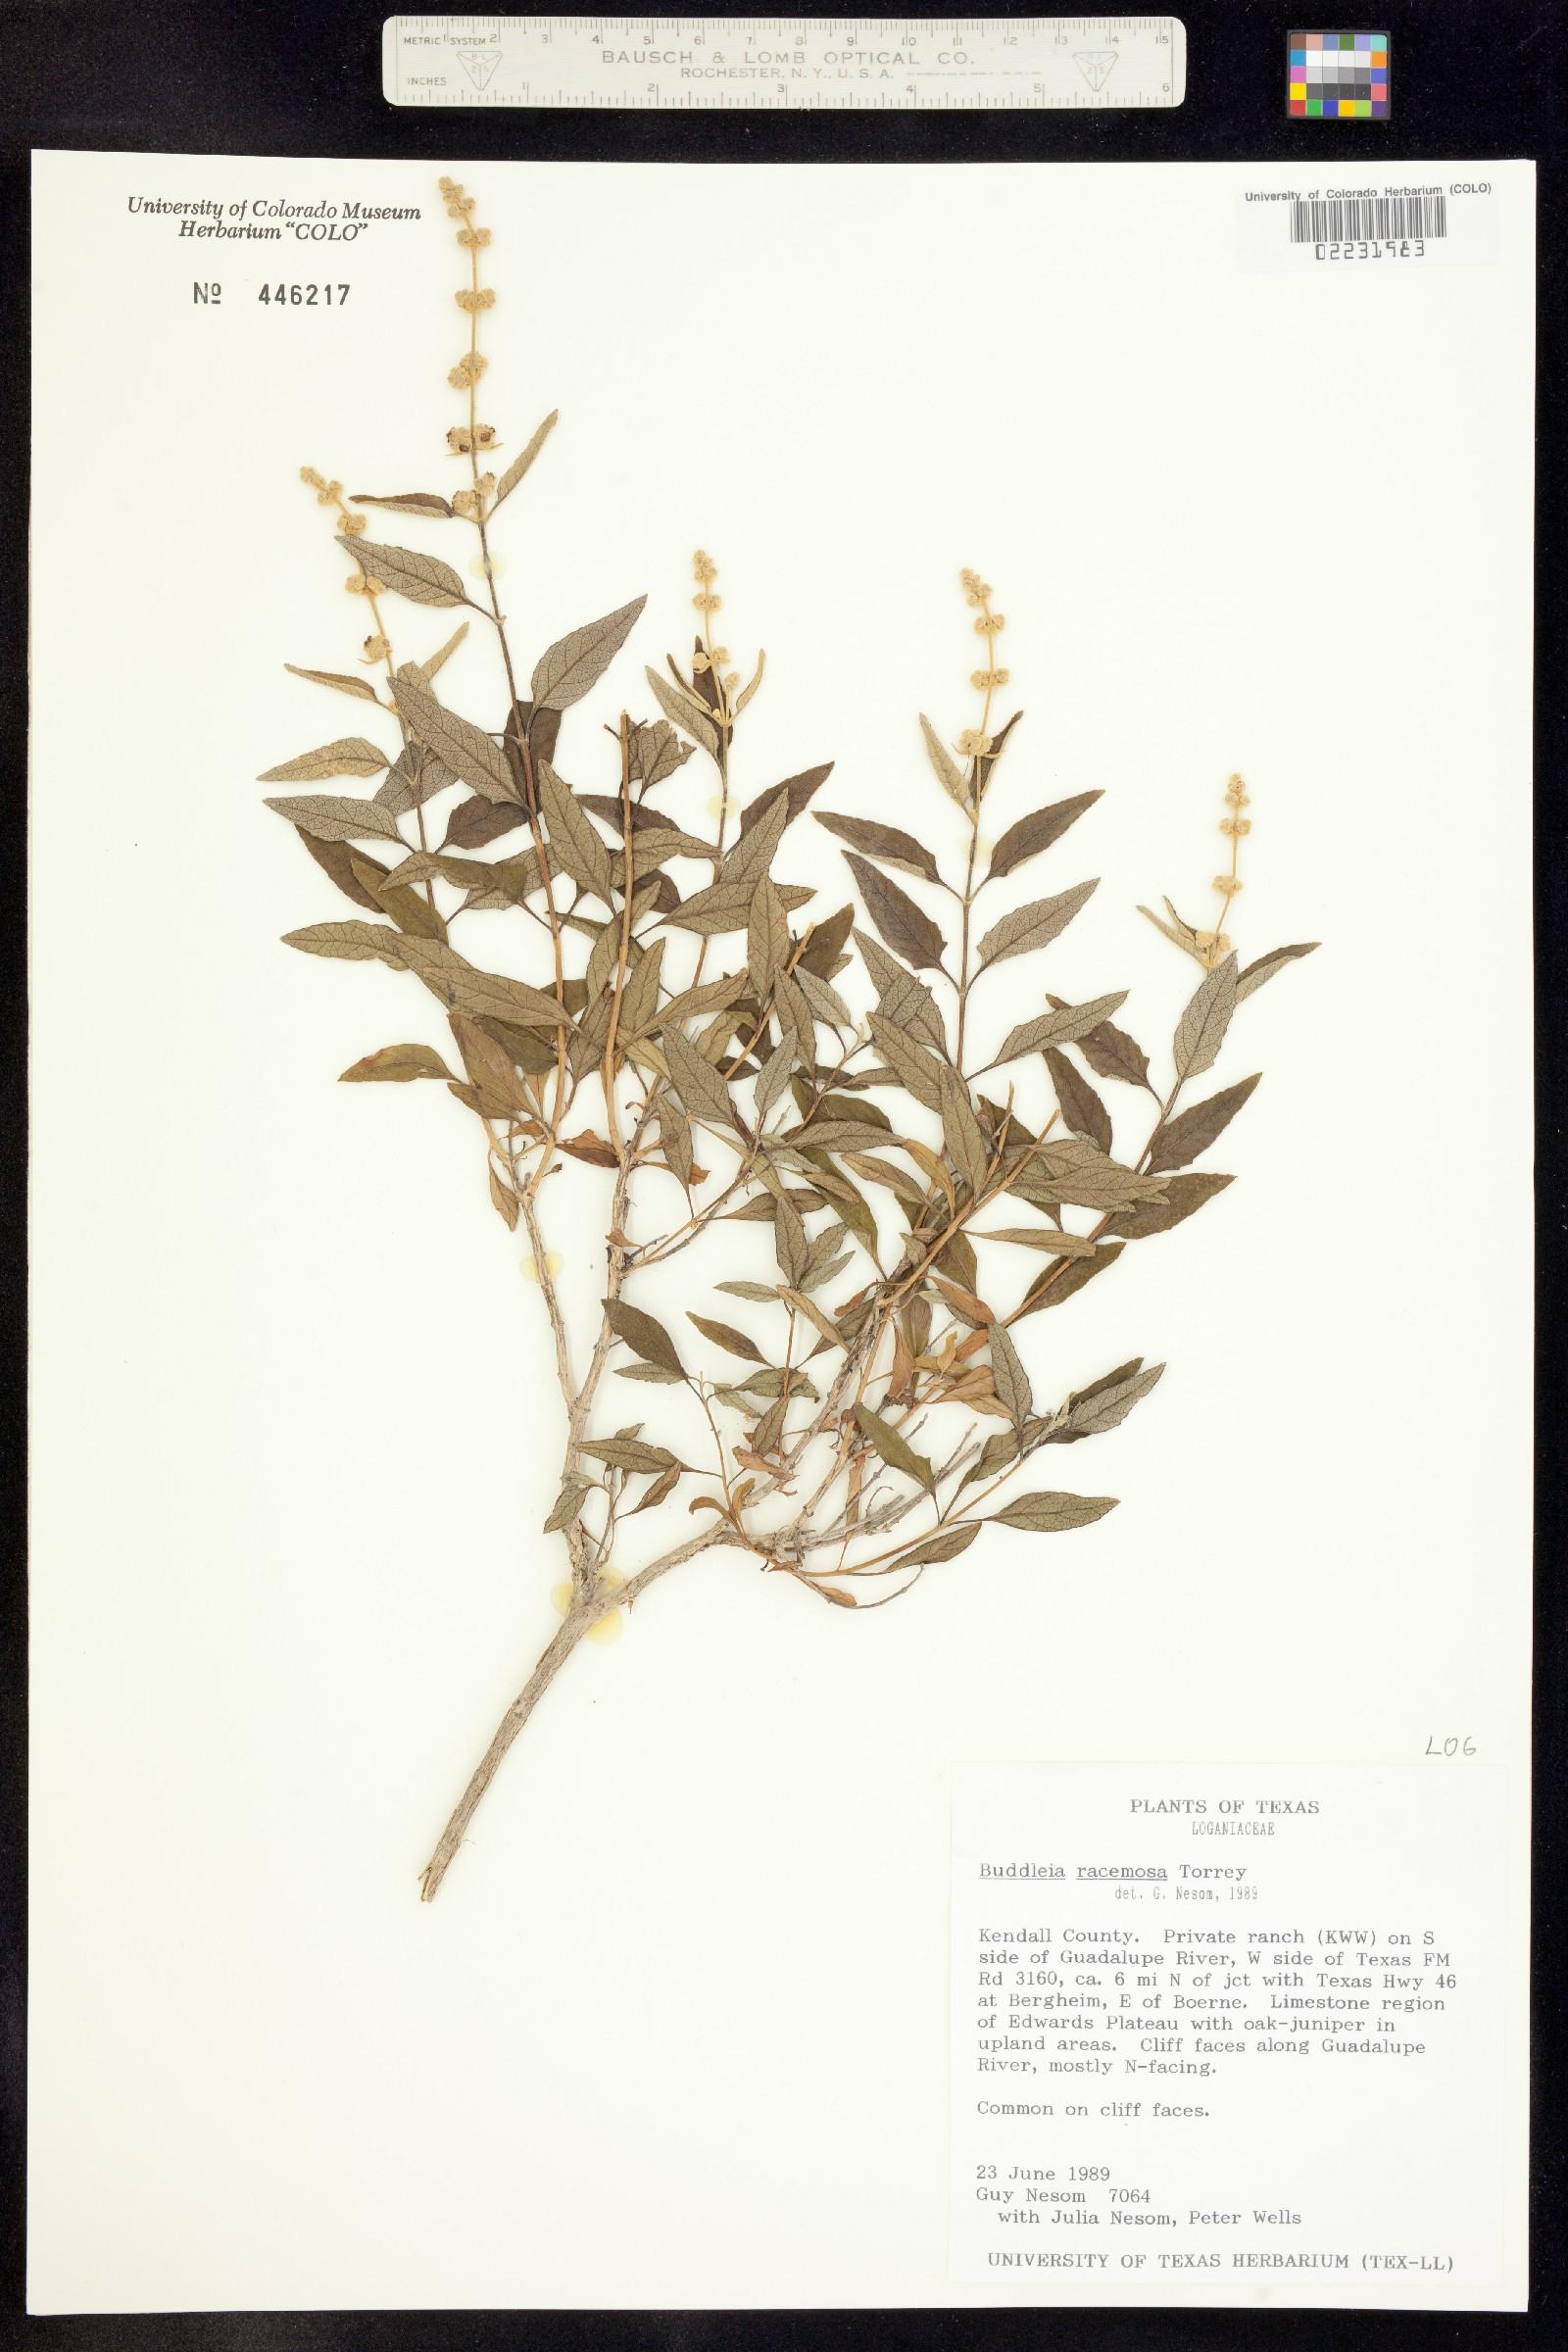 Buddleja racemosa image